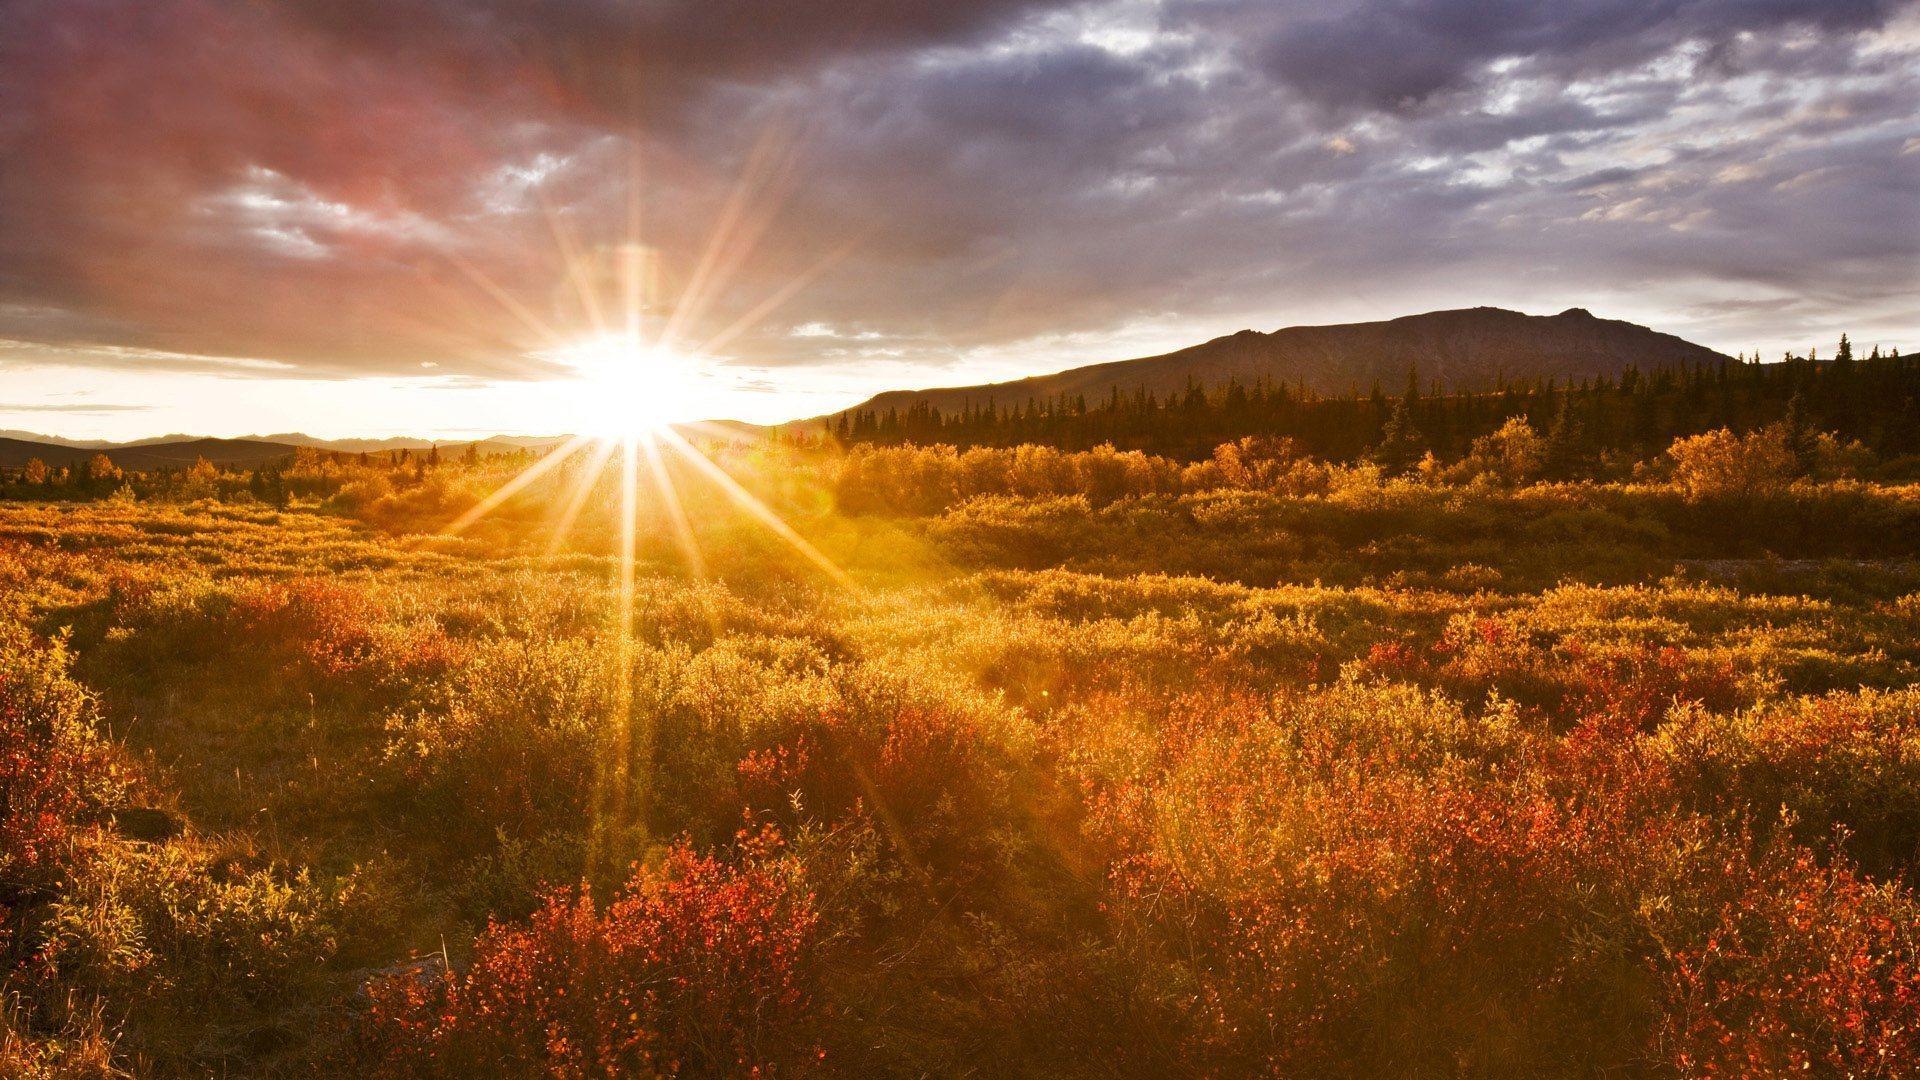 sunrise hospi sunrise hospital - HD1920×1080